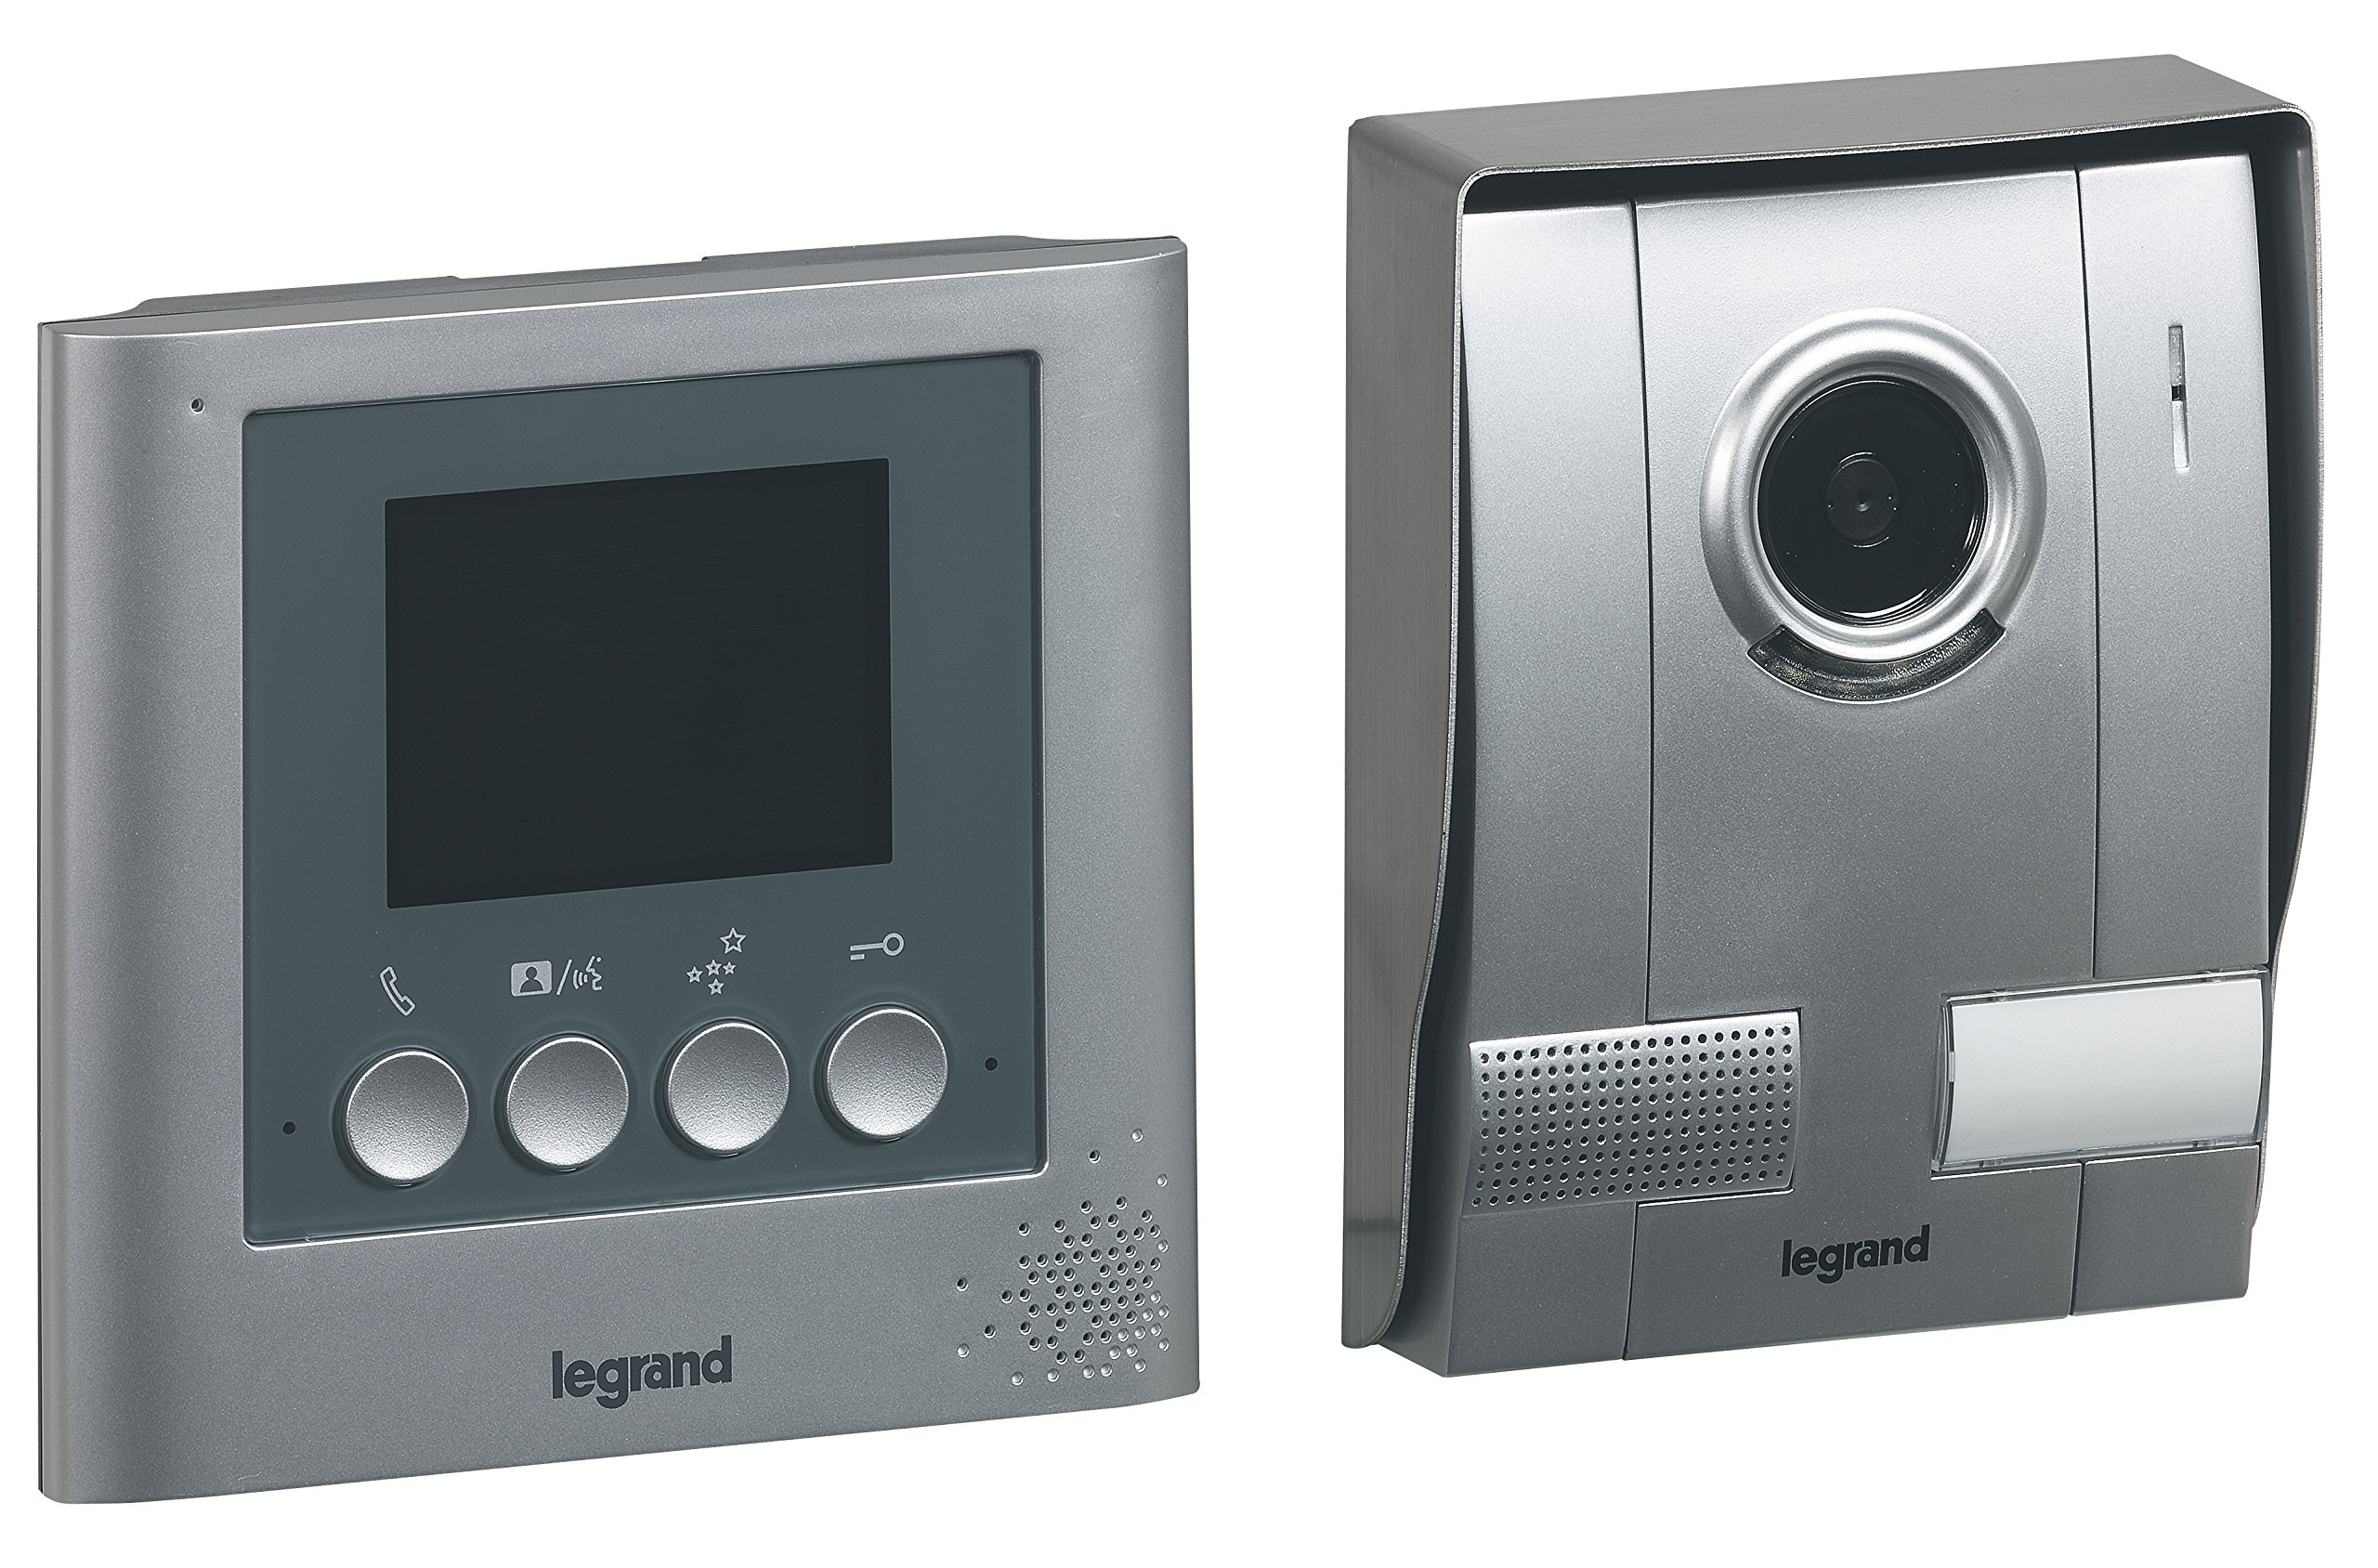 Legrand LEG369100 Kit Portier Vidéo 3,5 Pouces Câble 1,80 M Gris product image